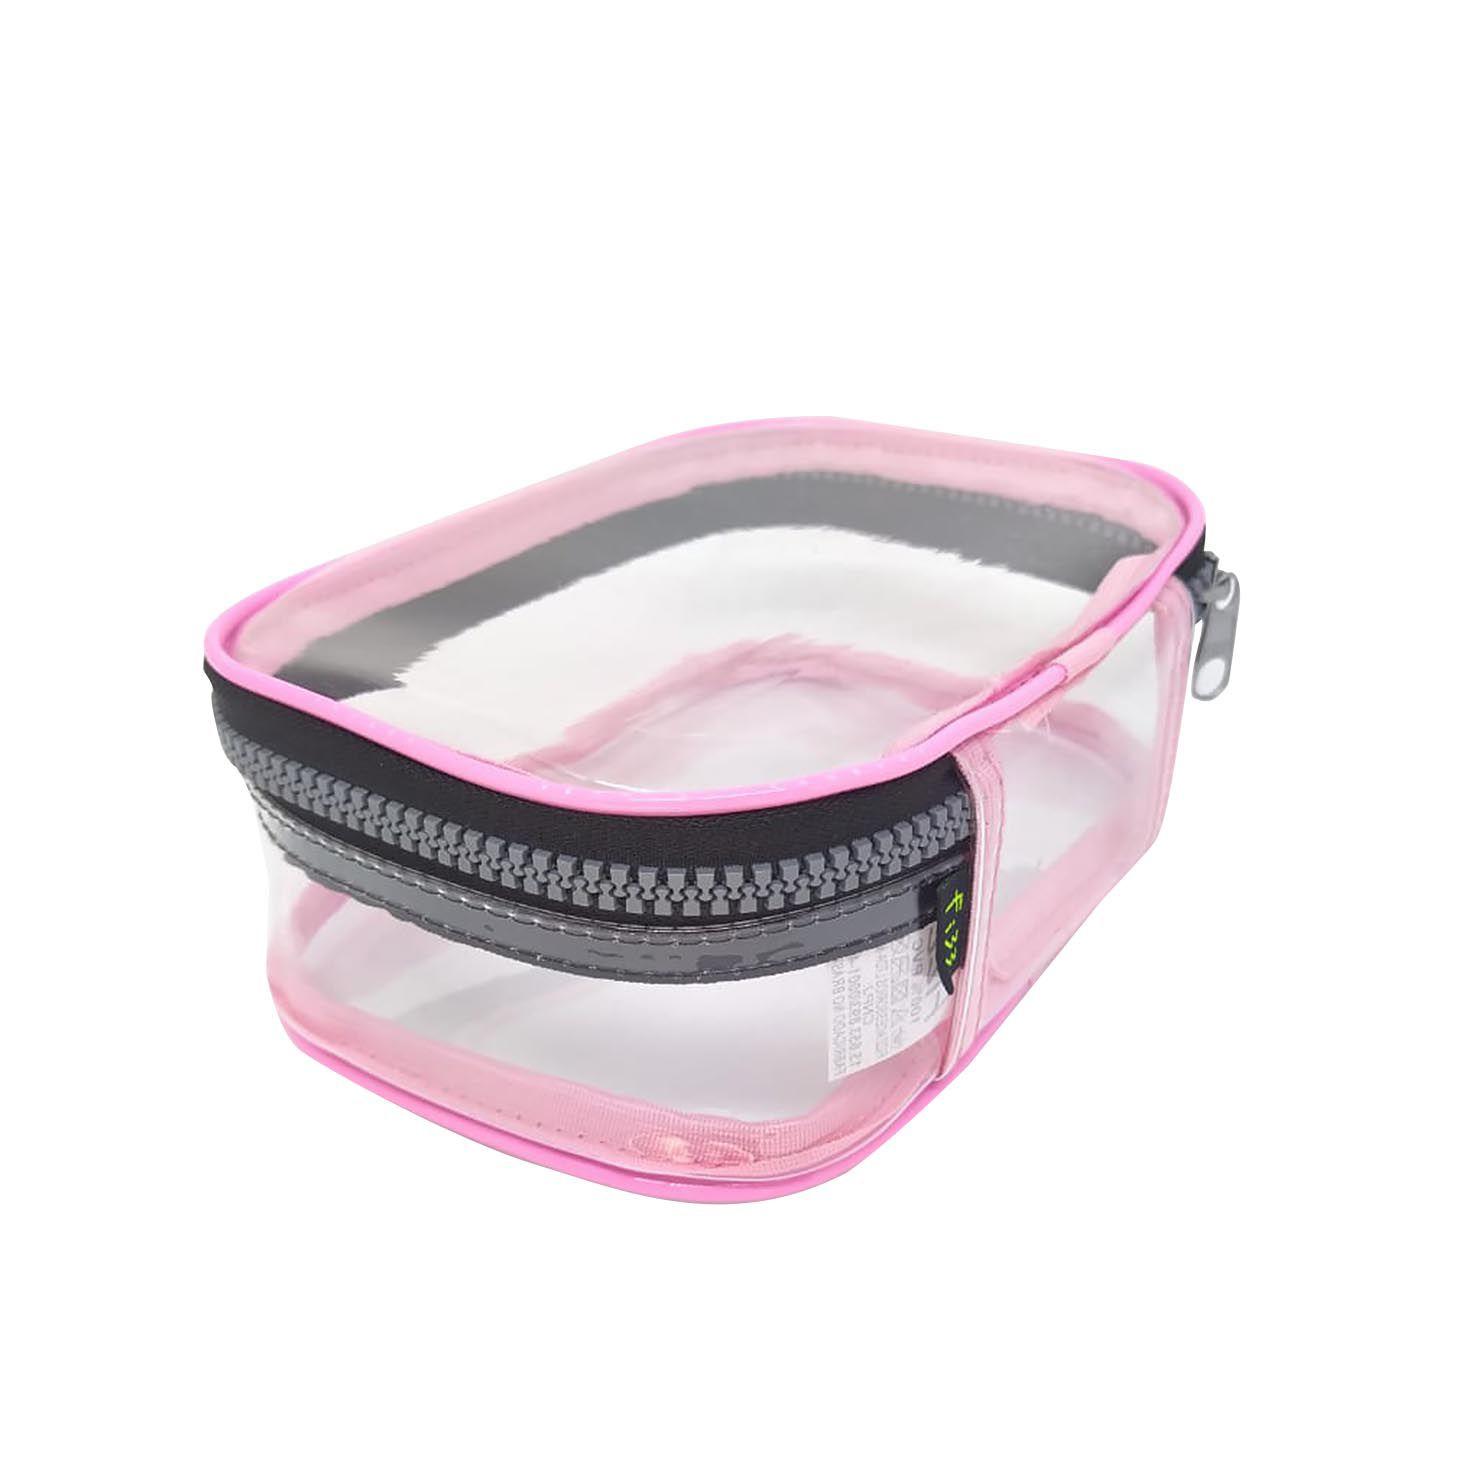 Estojo escolar box rosa transparente Fizz